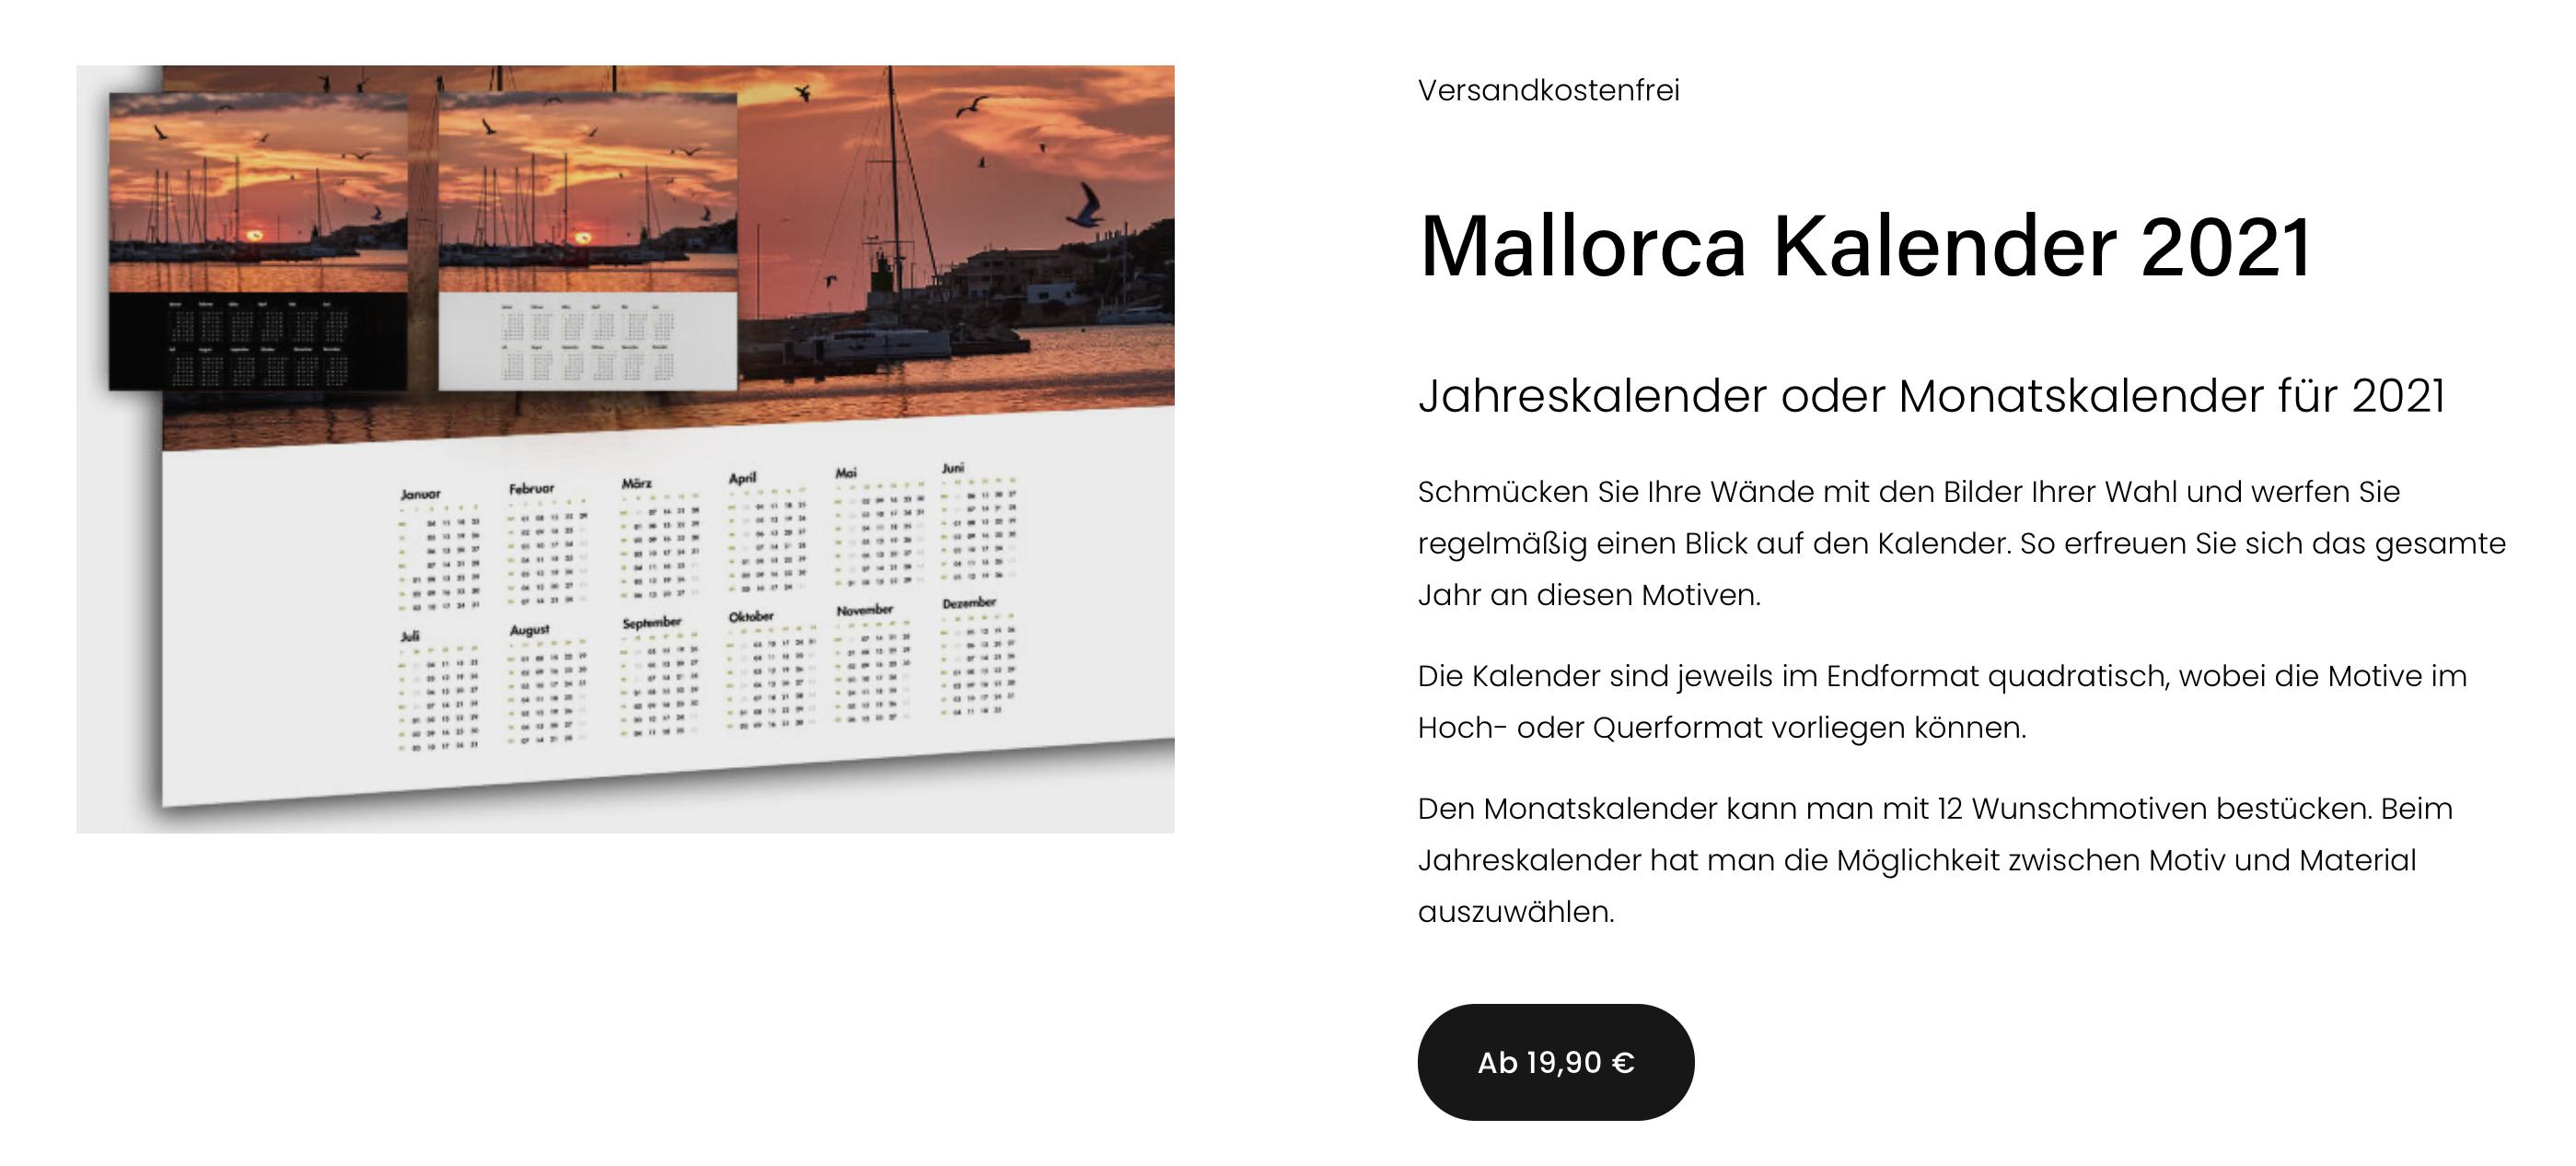 Mallorca Kalender 2021